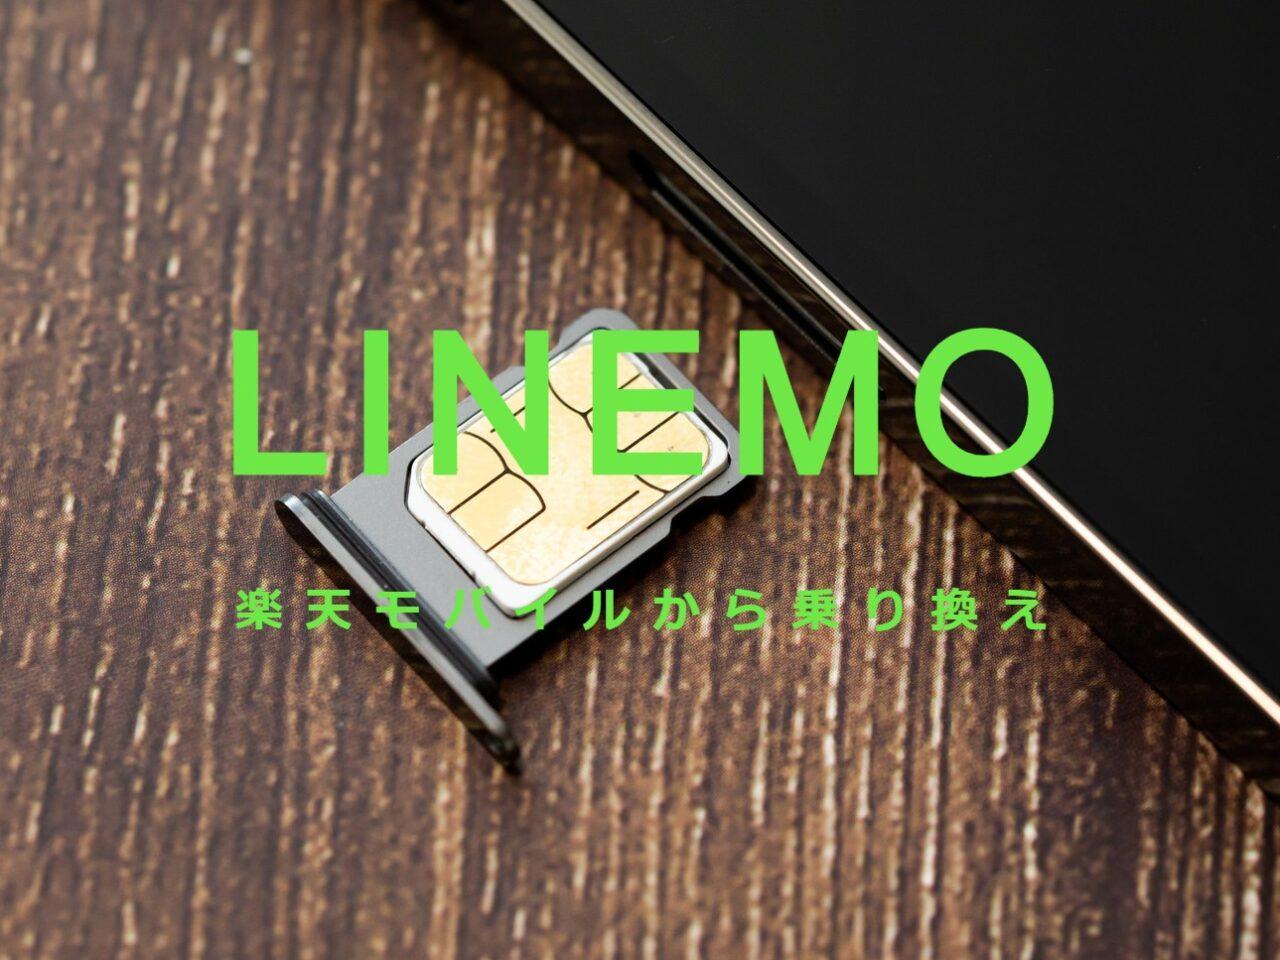 楽天モバイルからLINEMO(ラインモ)への乗り換えはおすすめ?やり方は?のサムネイル画像